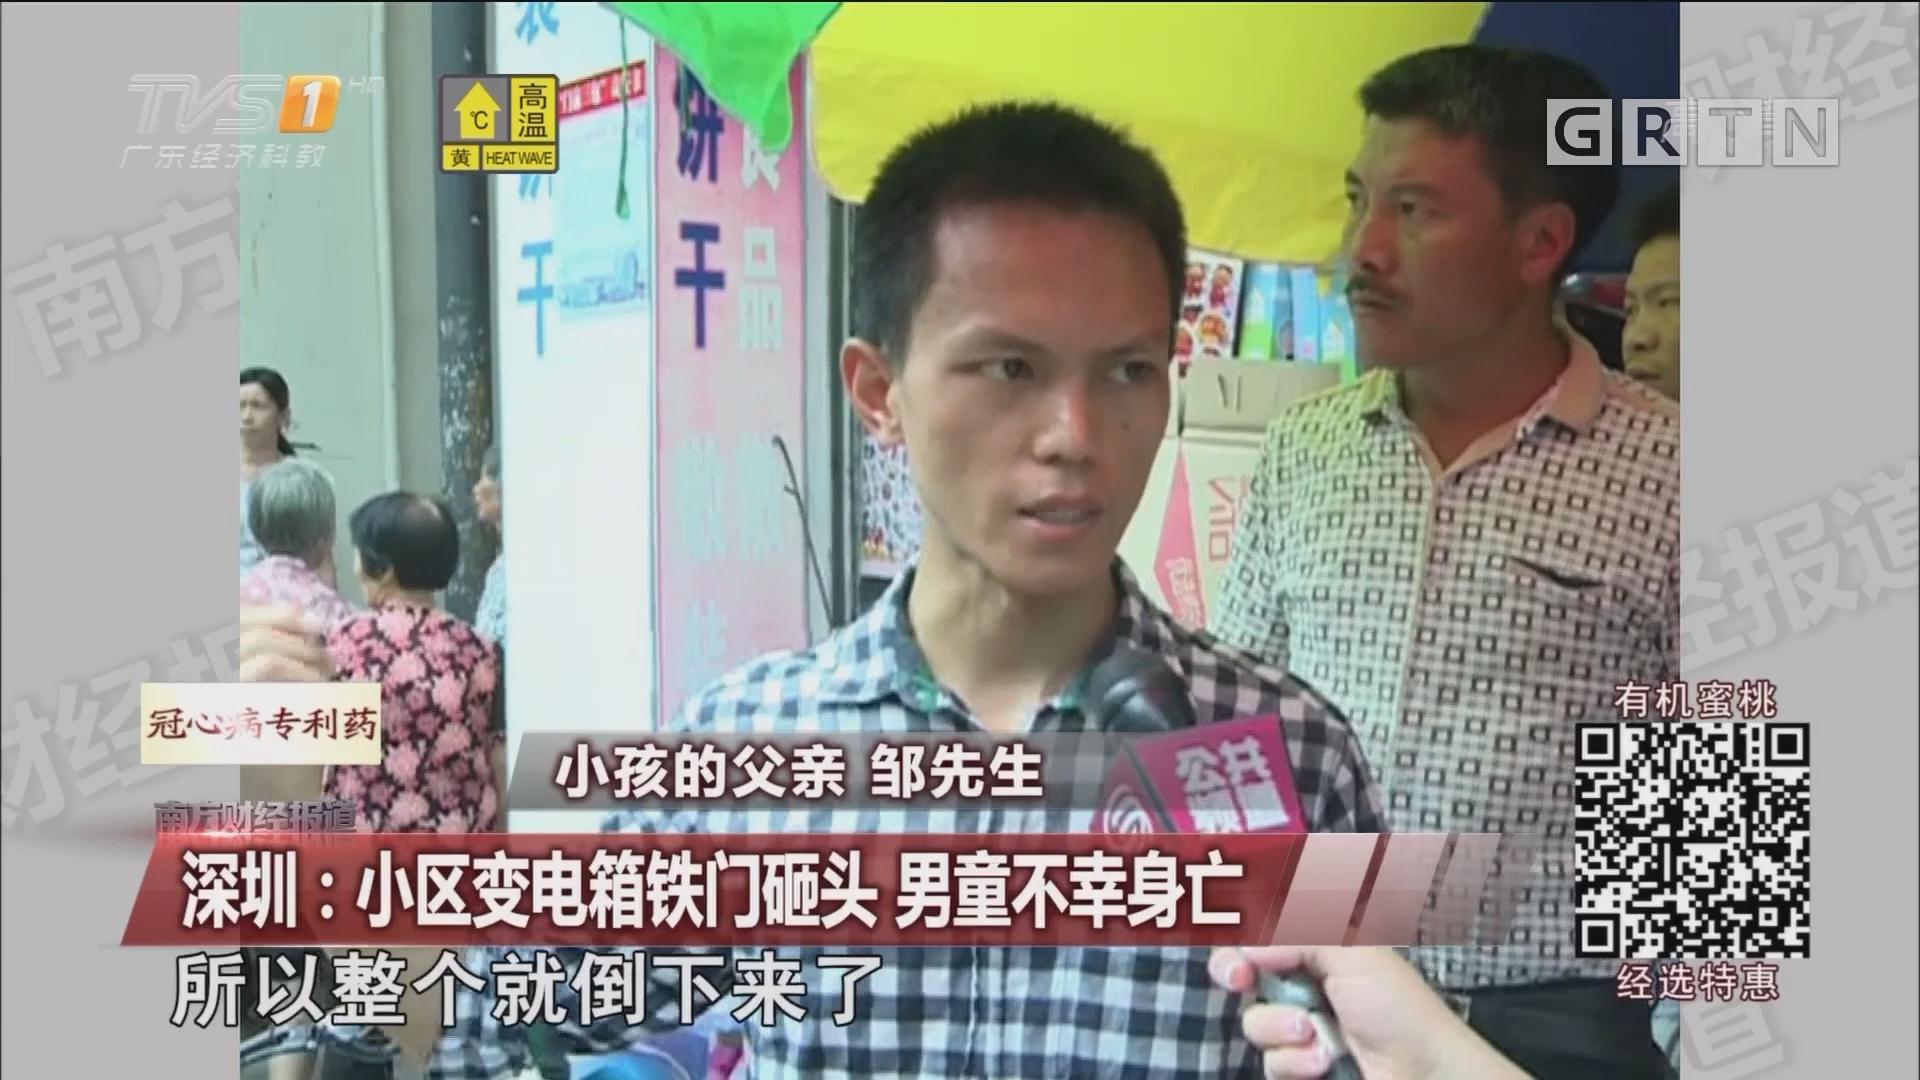 深圳:小区变电箱铁门砸头 男童不幸身亡